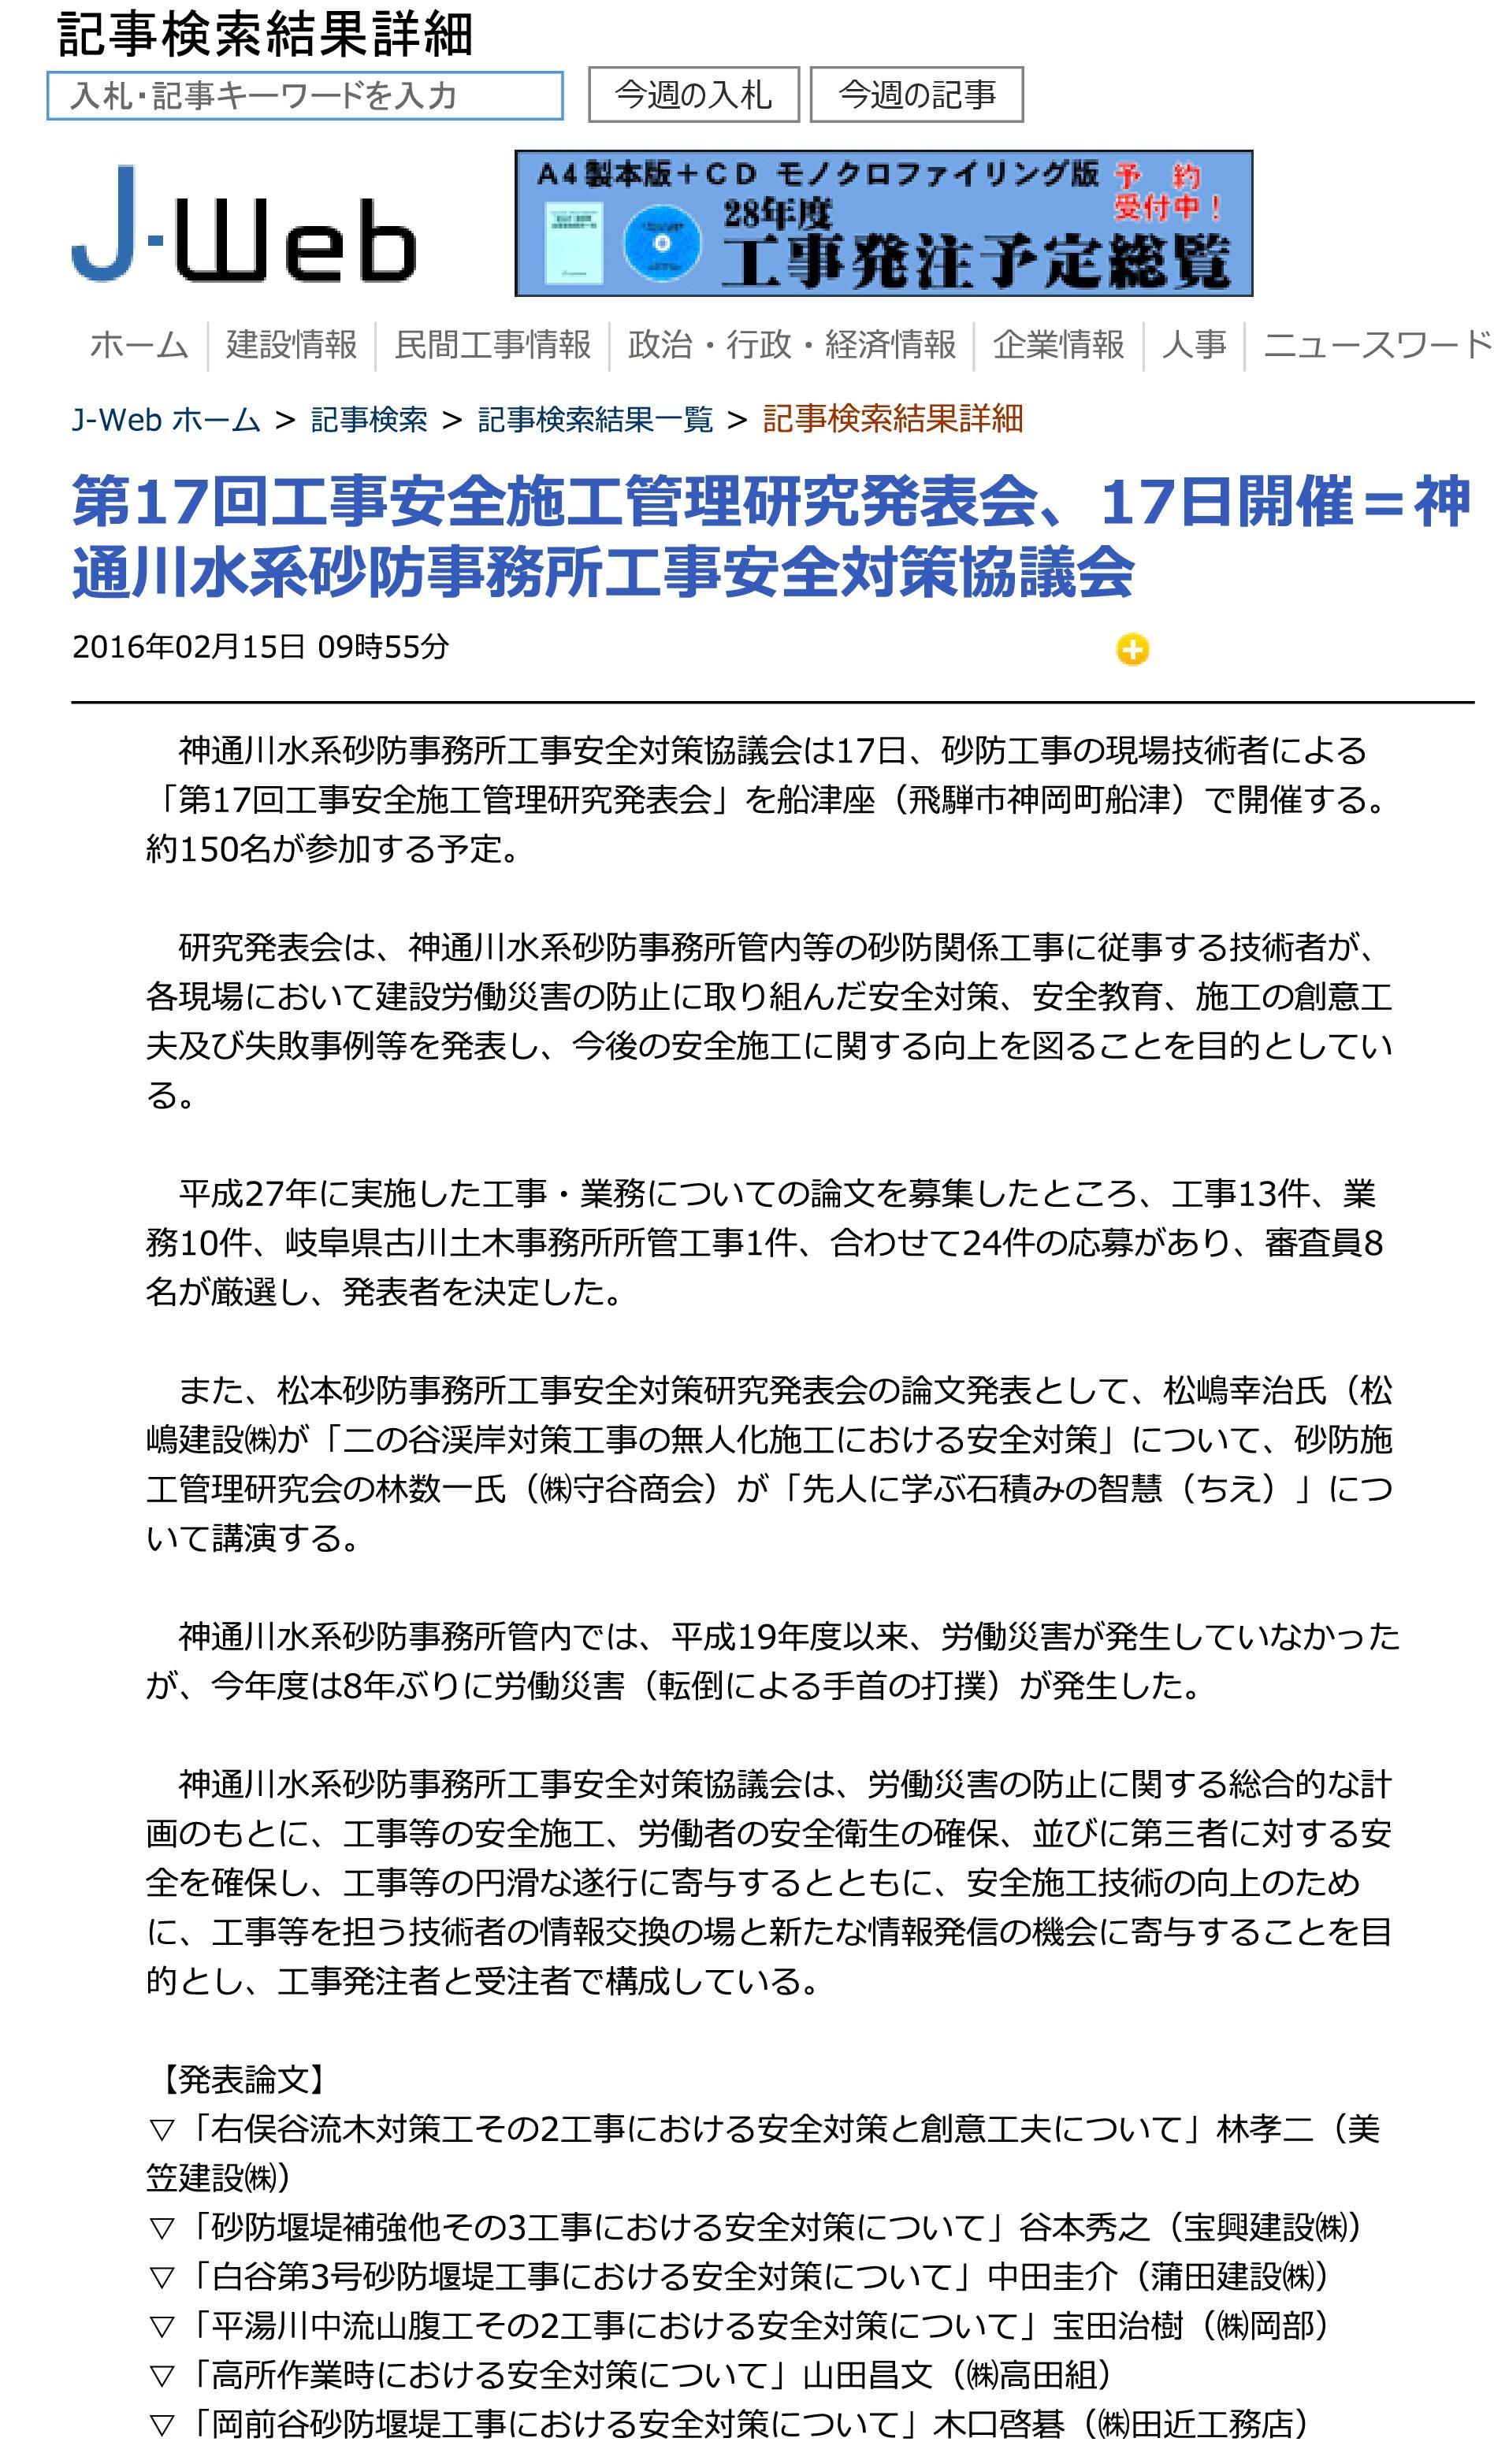 新聞記事 実業新報社 神通砂防.jpg